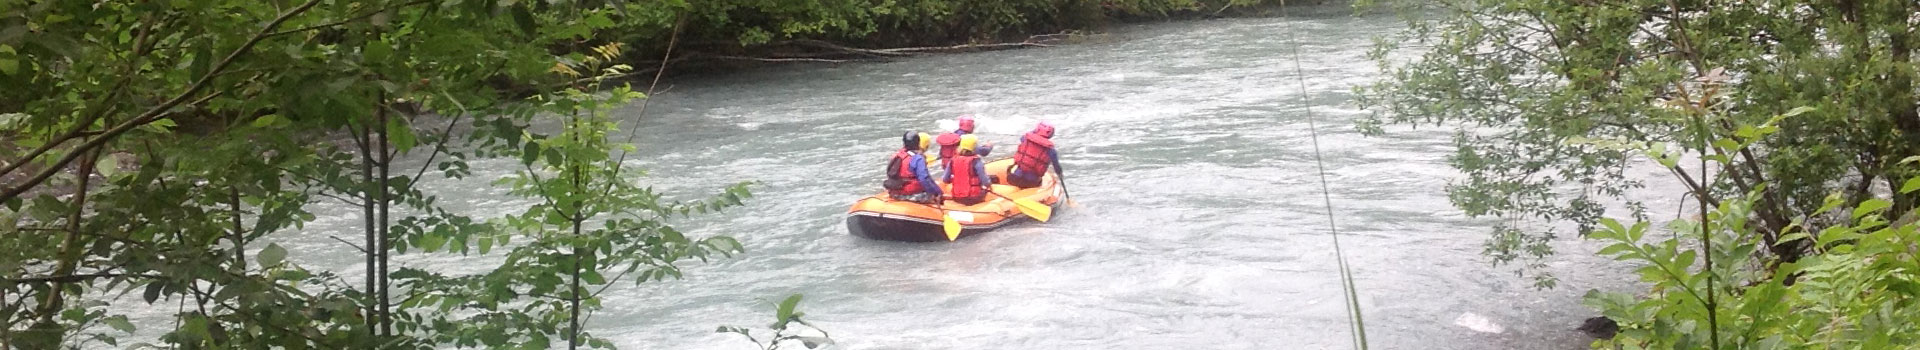 Découvrez les joies des sports d eau vive avec J aime sport   Rafting,  canoraft, hydrospeed et mini-kayak. 7ad535b17cab